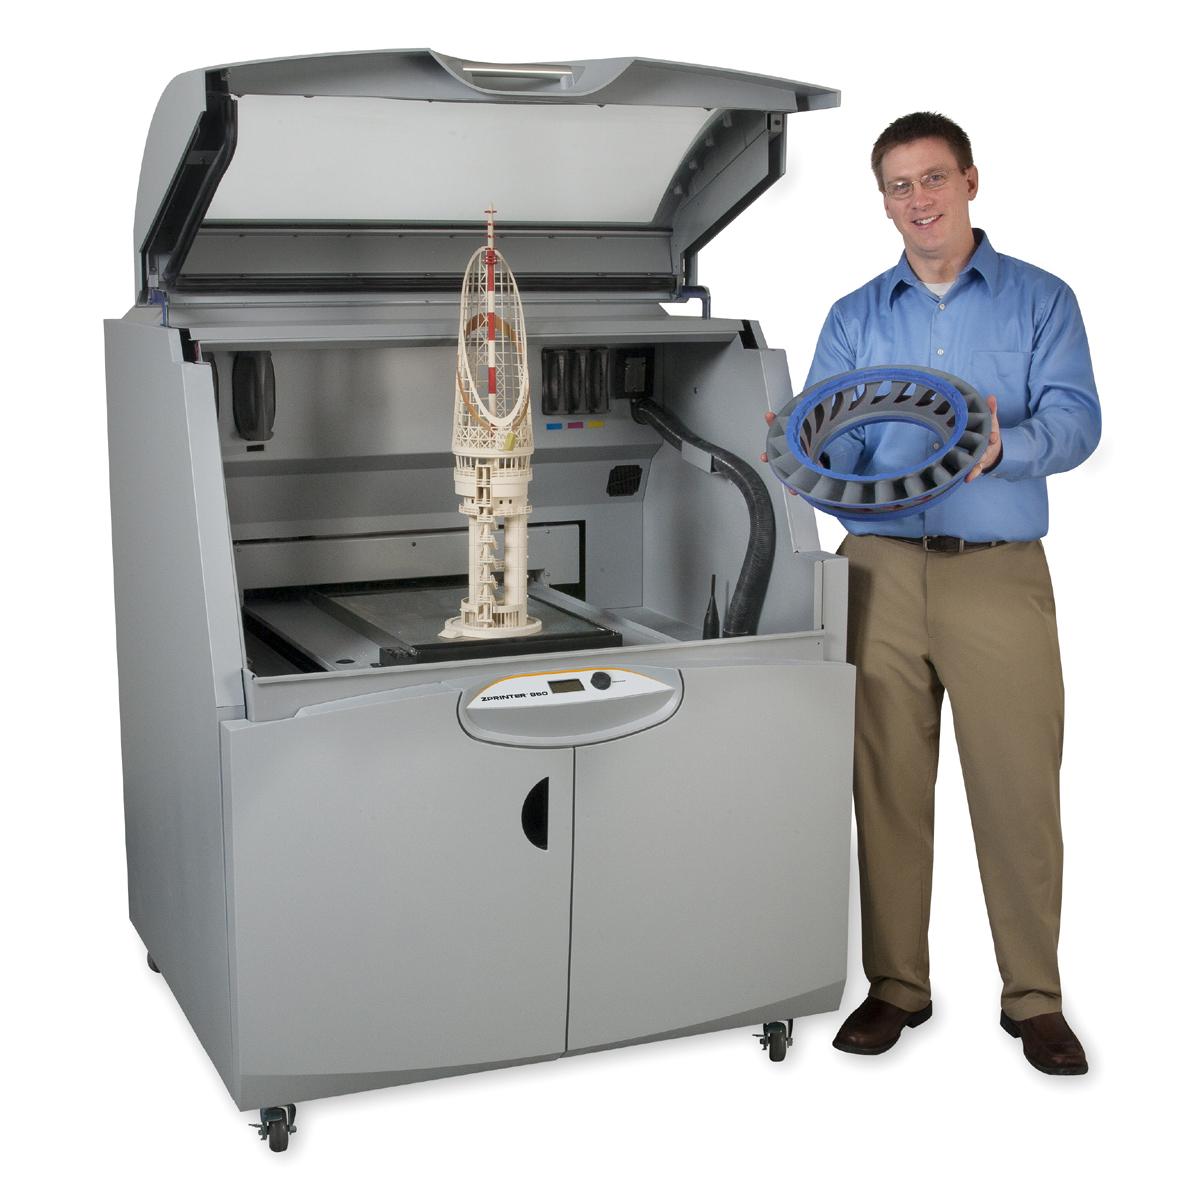 Imprimante 3d grand format fabrication m canique - Imprimante 3d fonctionnement ...